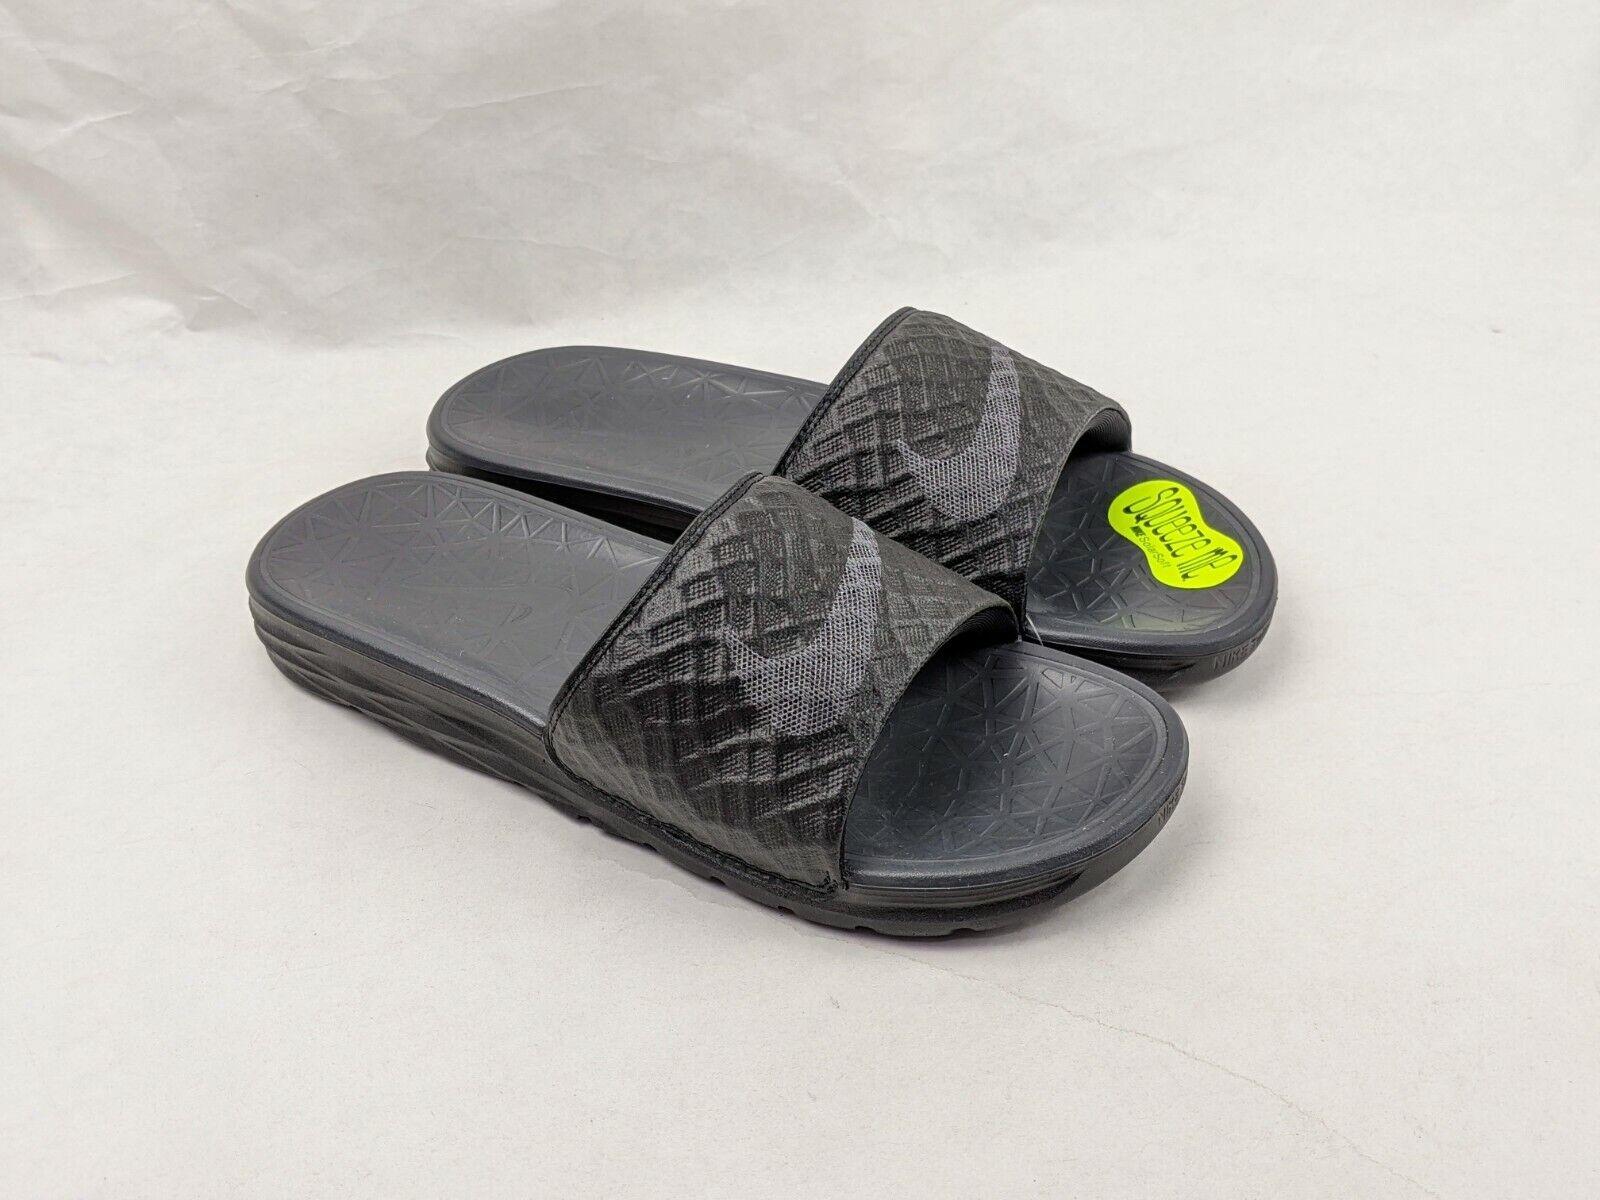 Size 7 Men's / Women's 8.5 Nike Benassi Solarsoft Slide Sandals 705474-091  Black